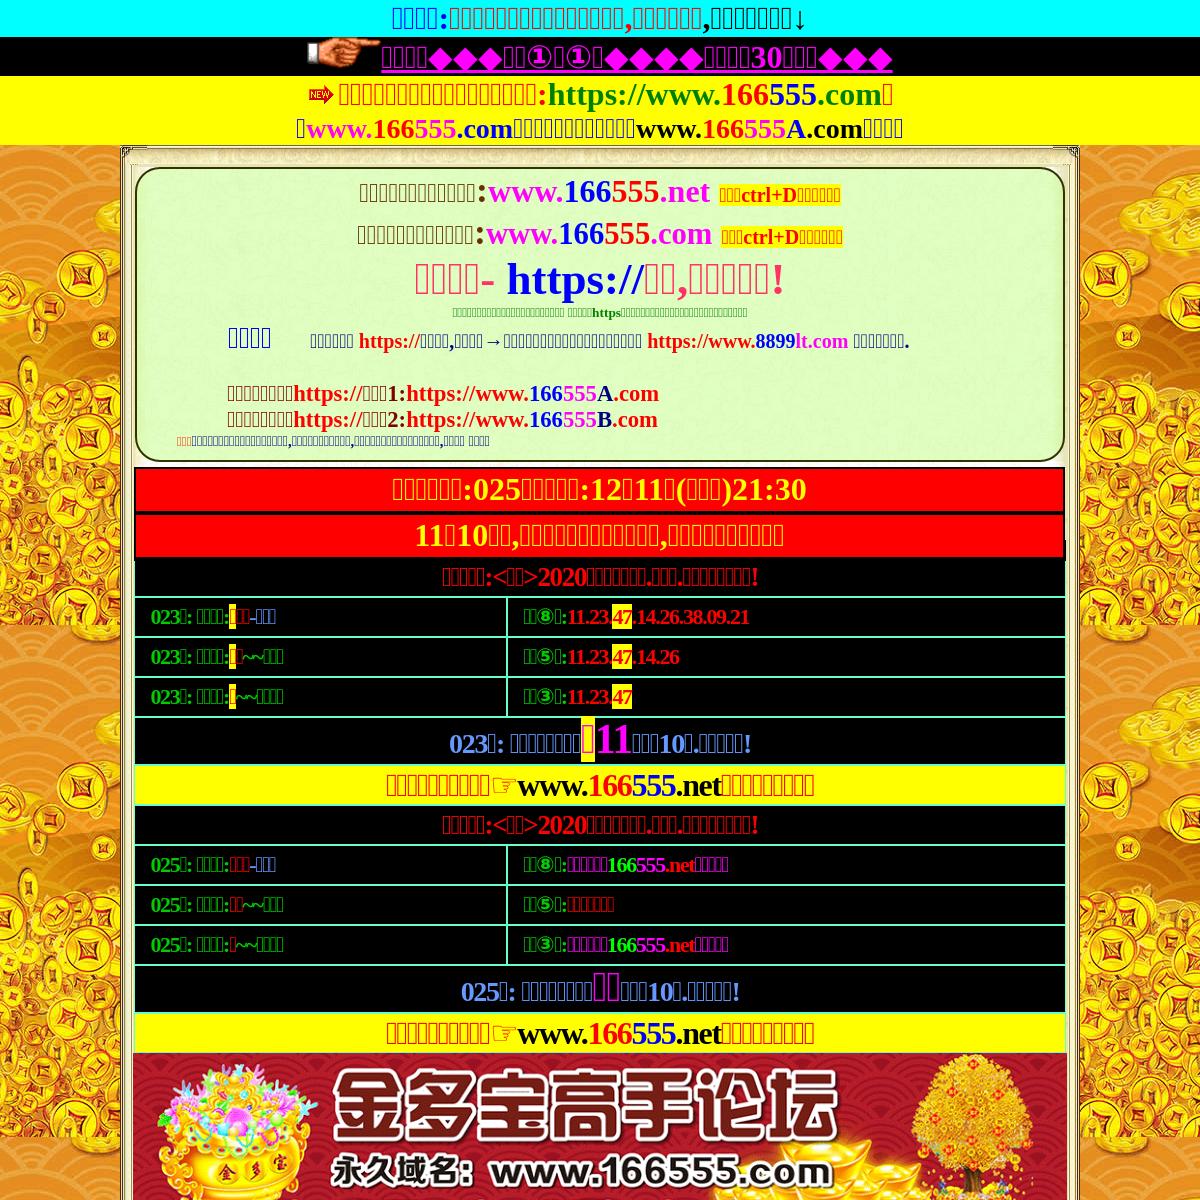 www.028333.com,新王中王,www.111012.com,www.kj4444.com,雷锋高手